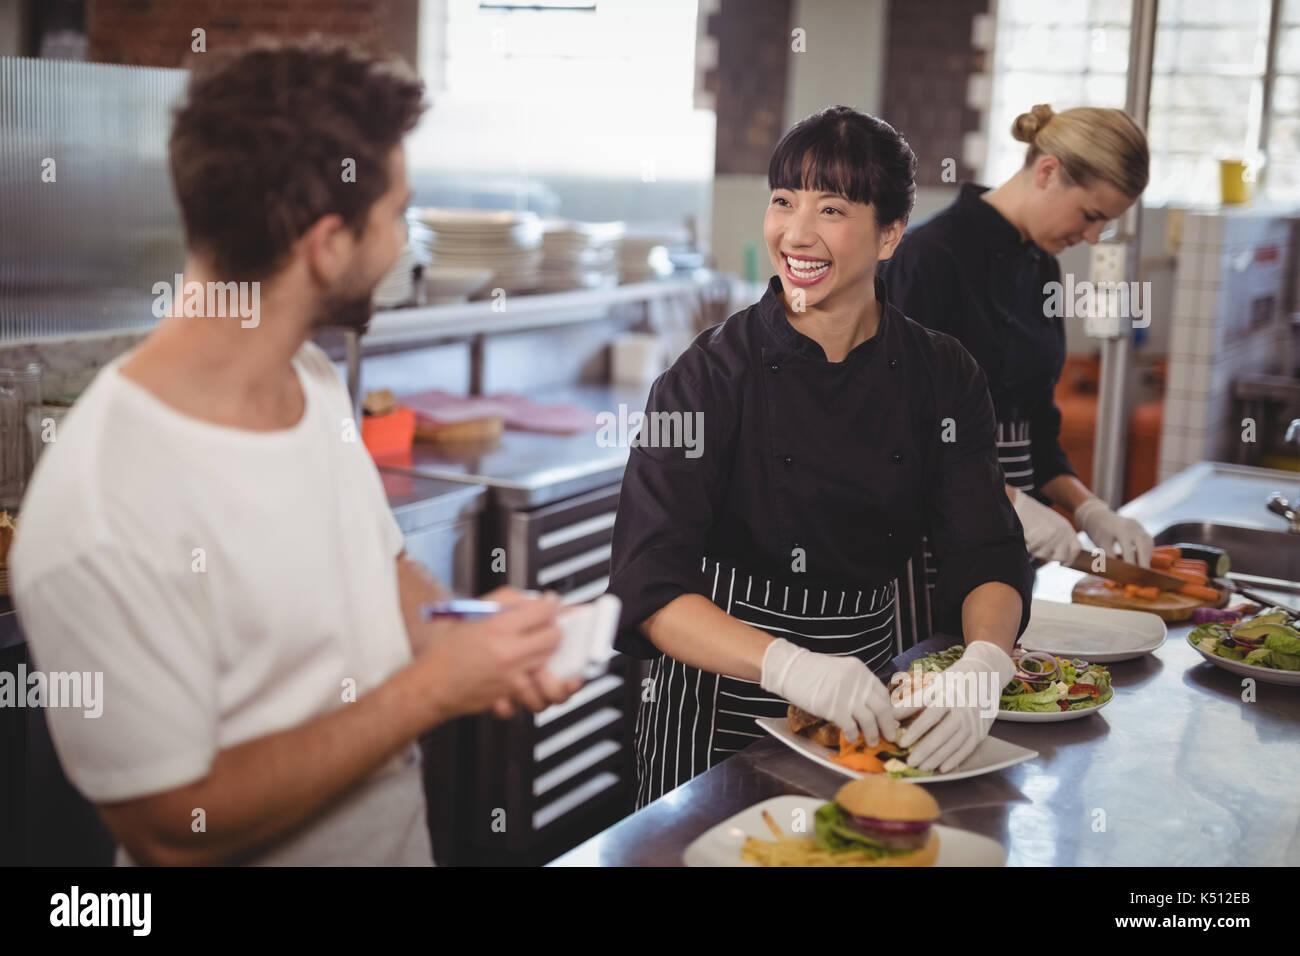 Freundliche Kellner und Köchin in der Küche im Cafe arbeiten Stockfoto